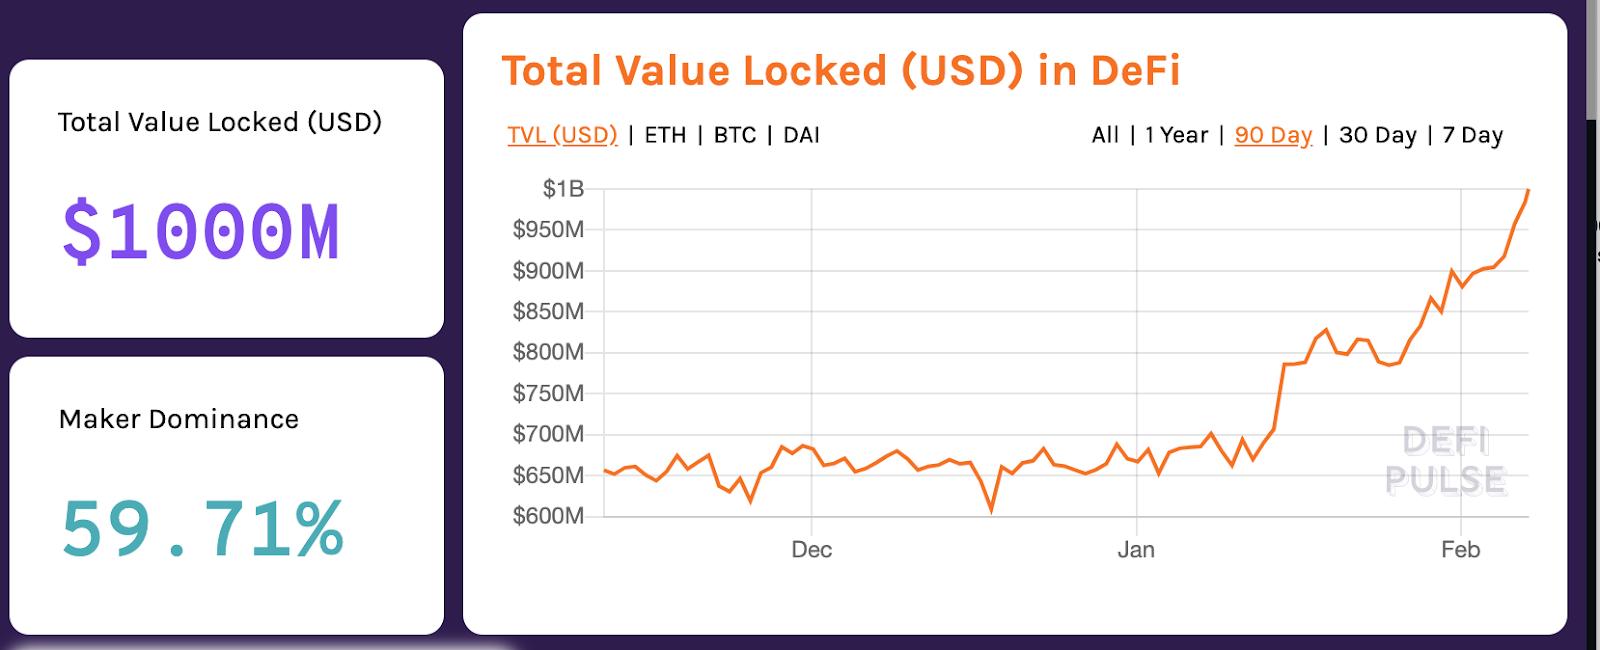 Valore bloccato nei mercatiDeFi, 7febbraio